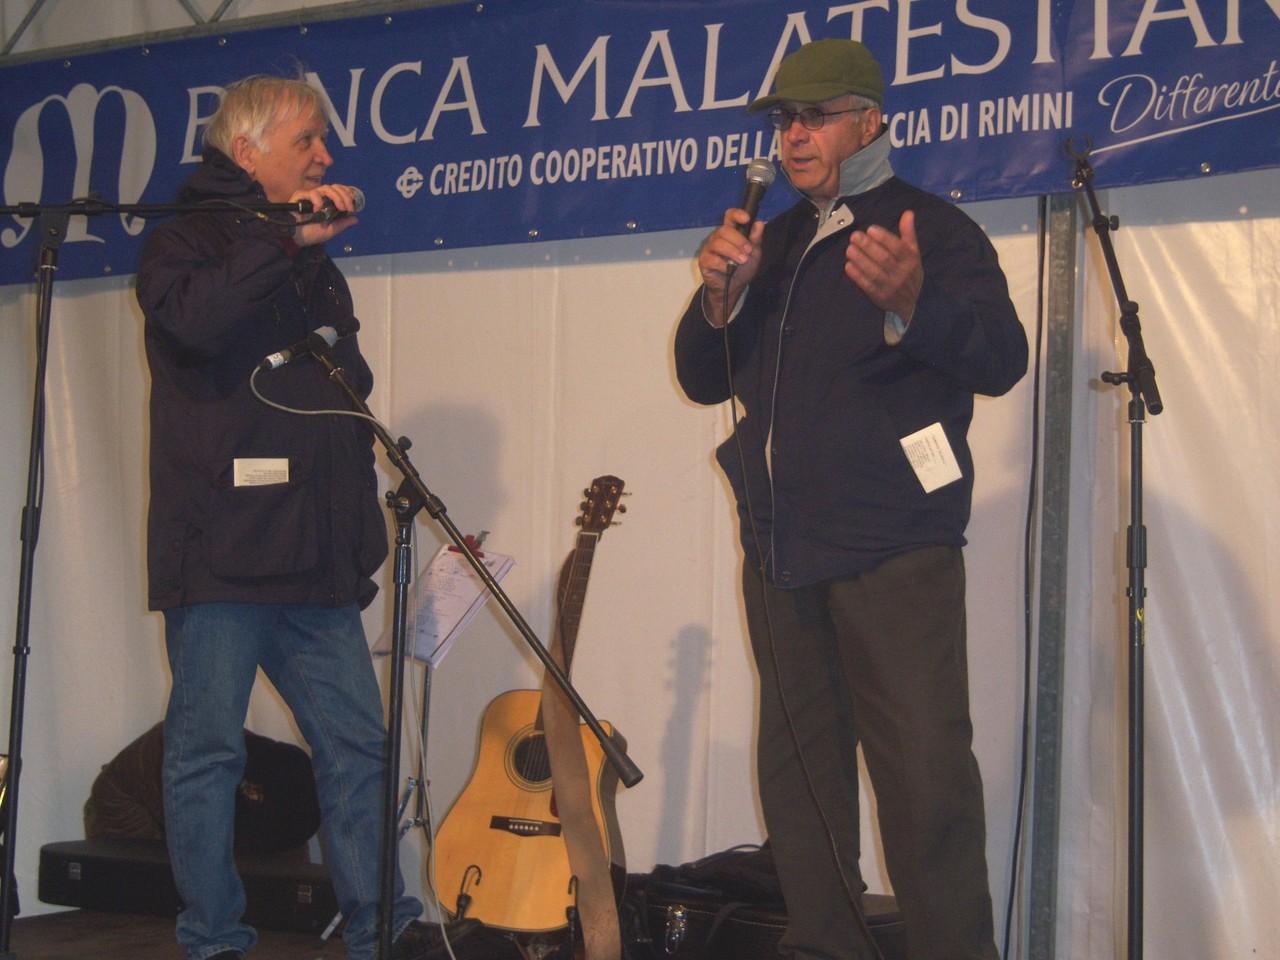 Mauro Chechi ed Elino Rossi offrono al pubblico un esempio di ottava rima